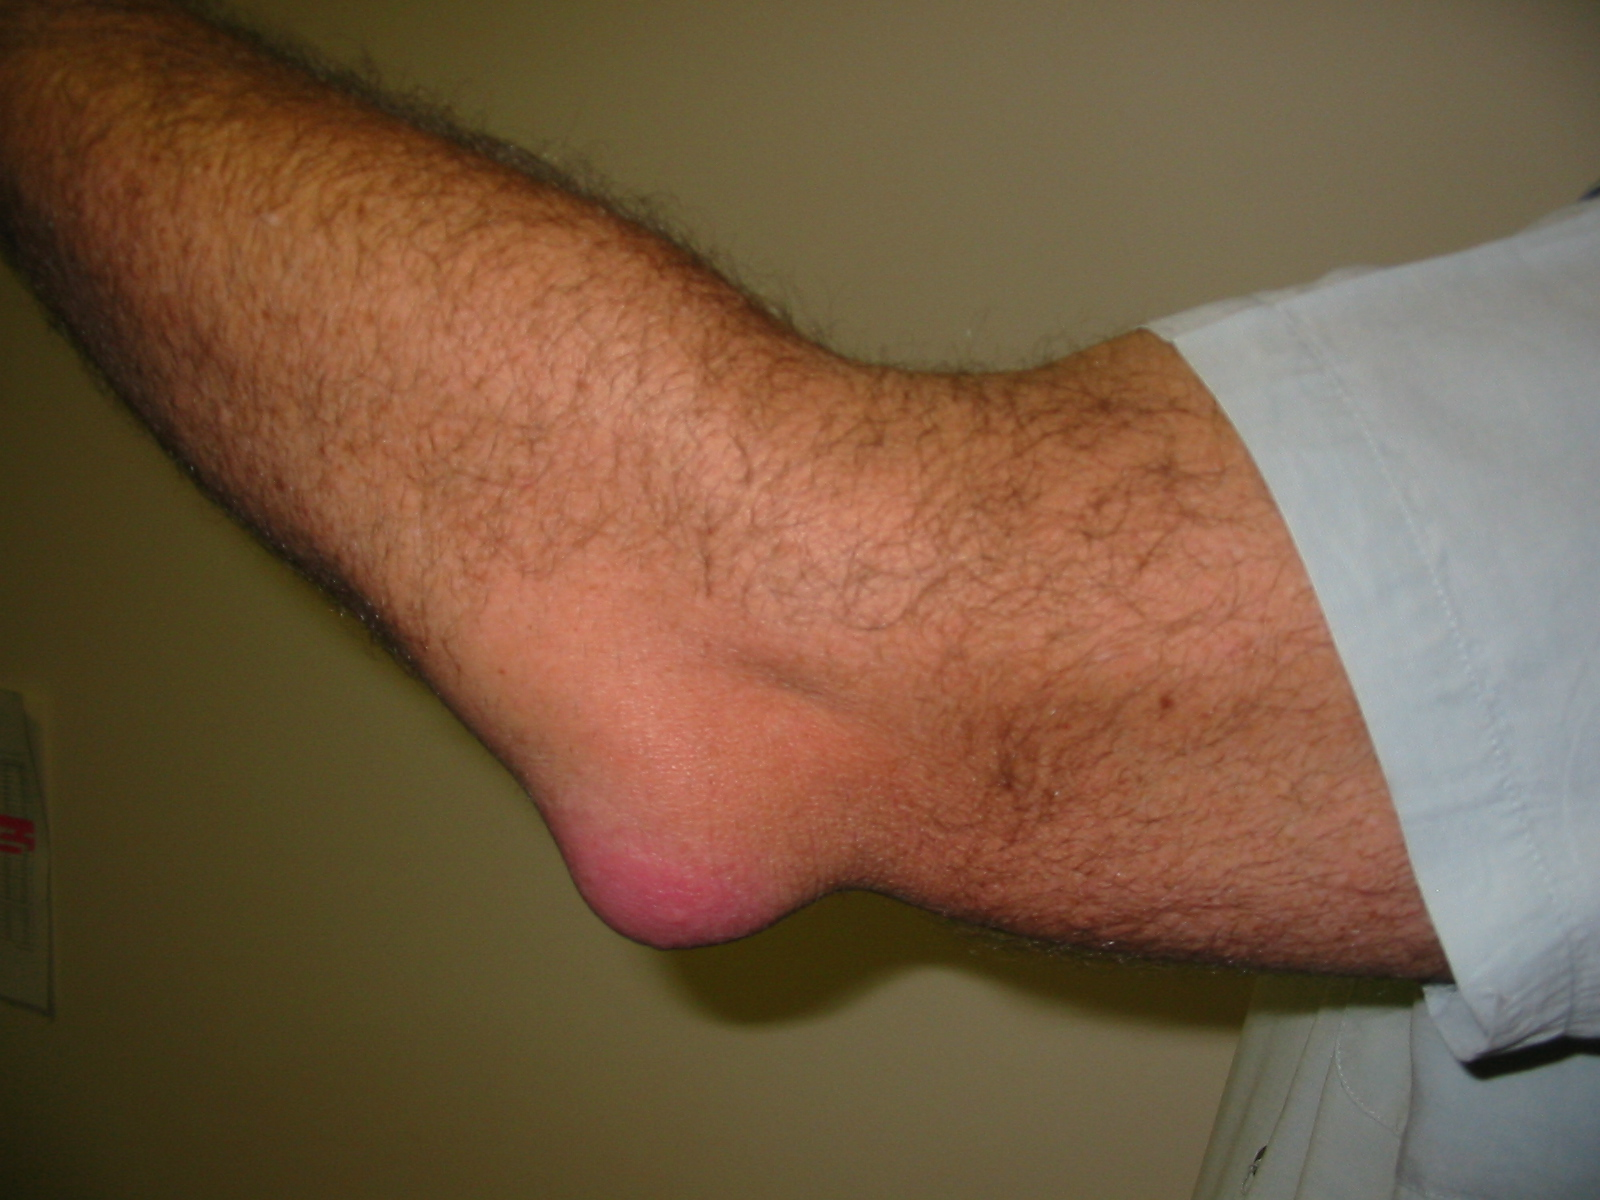 Ревматоидный артрит голеностопного сустава: причины, симптомы, диагностика и особенности лечения